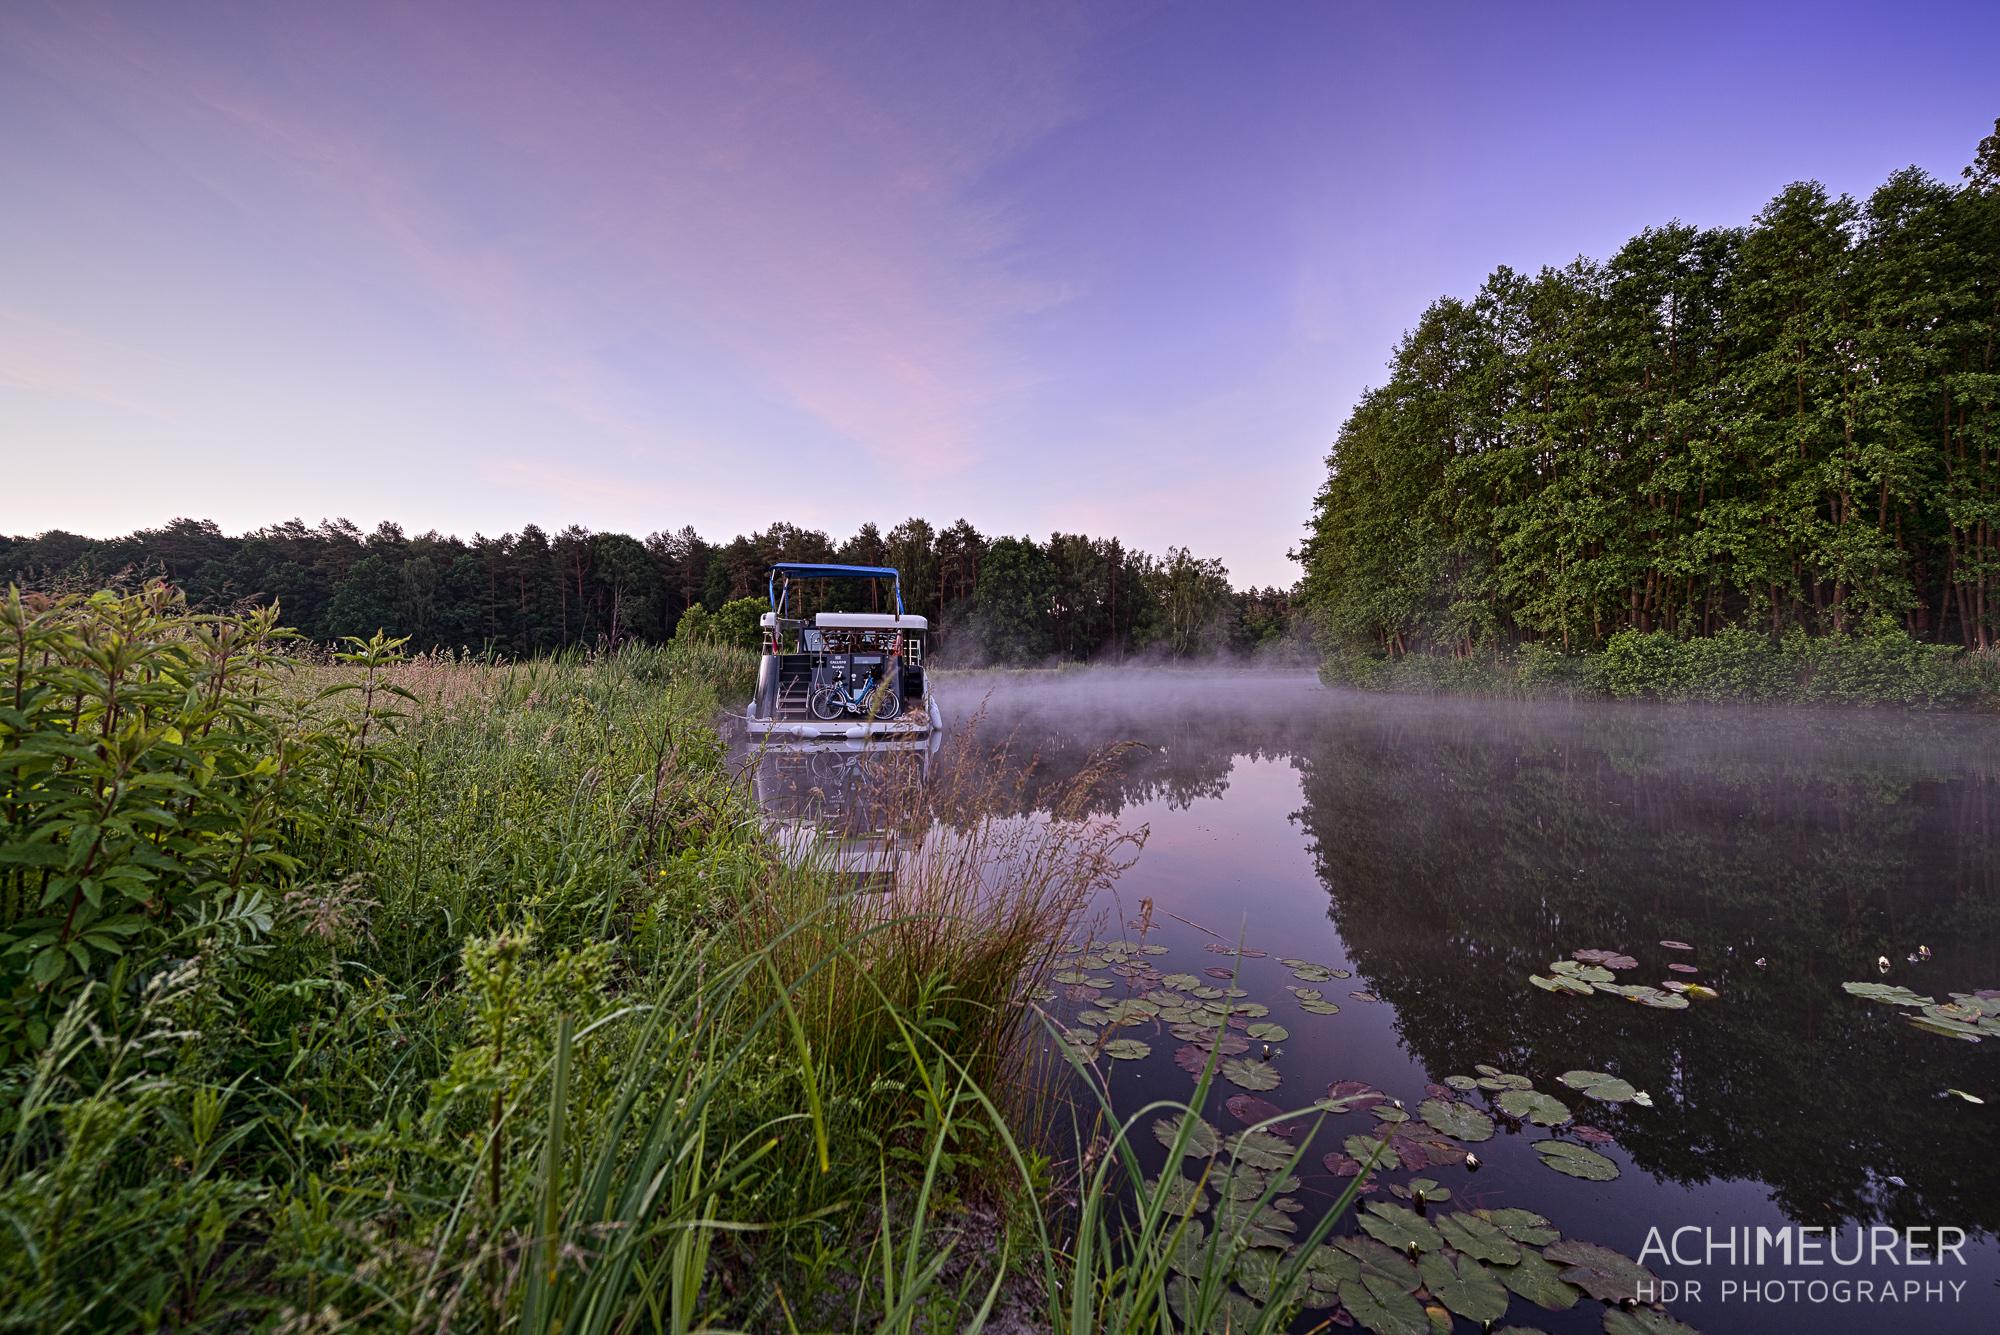 Hausboot-Kuhnle-Mueritz-Mecklenburg-Vorpommern-See_3365_4_3_2_1_HDR